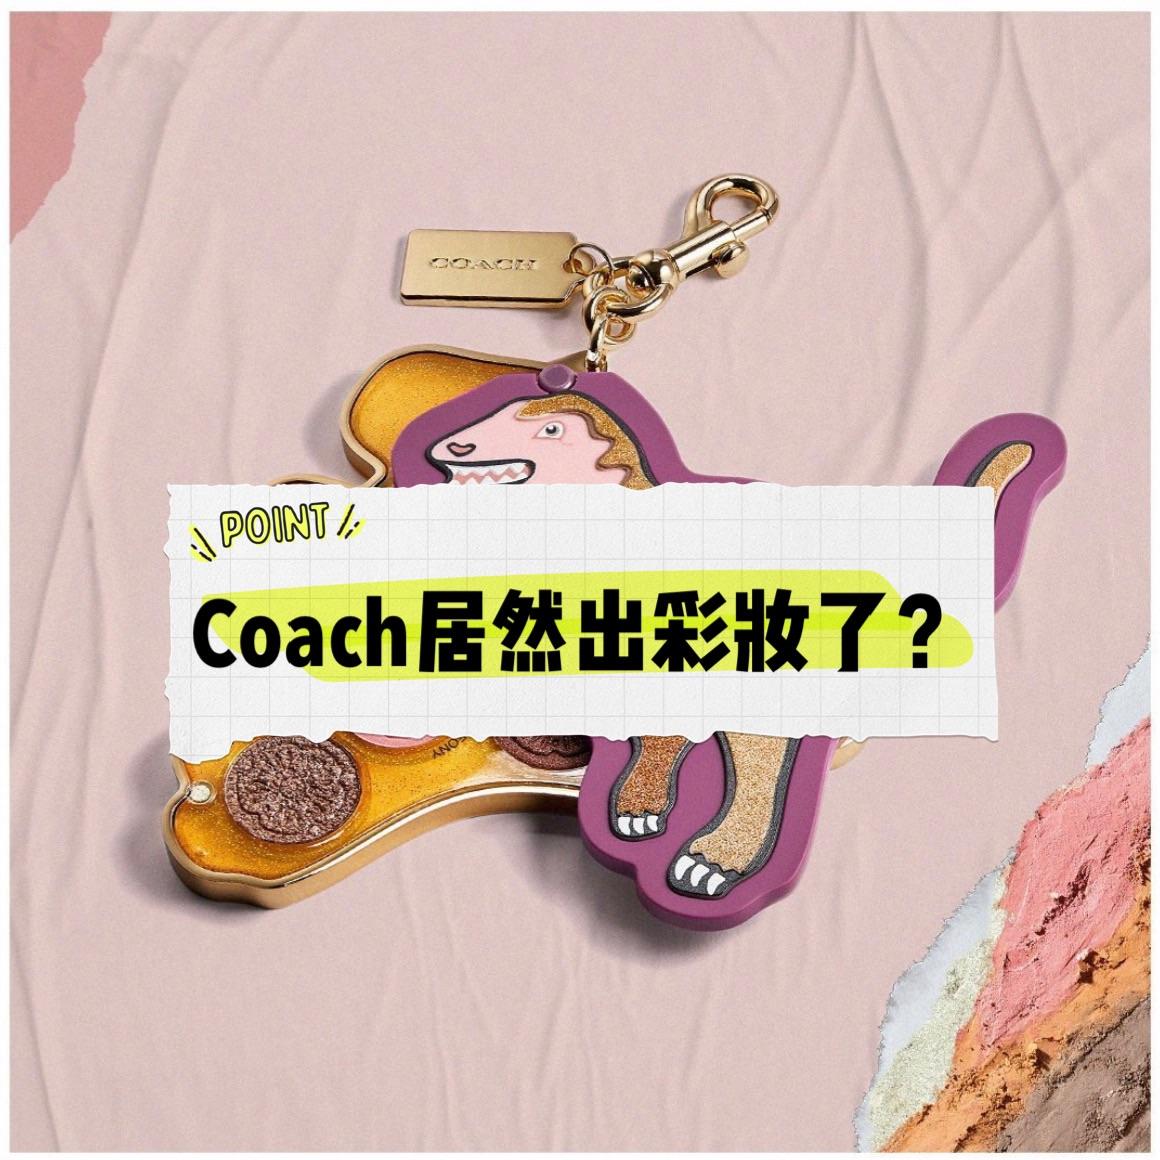 #Coach美妆线 可以做成小挂件coach真的太懂我了😂